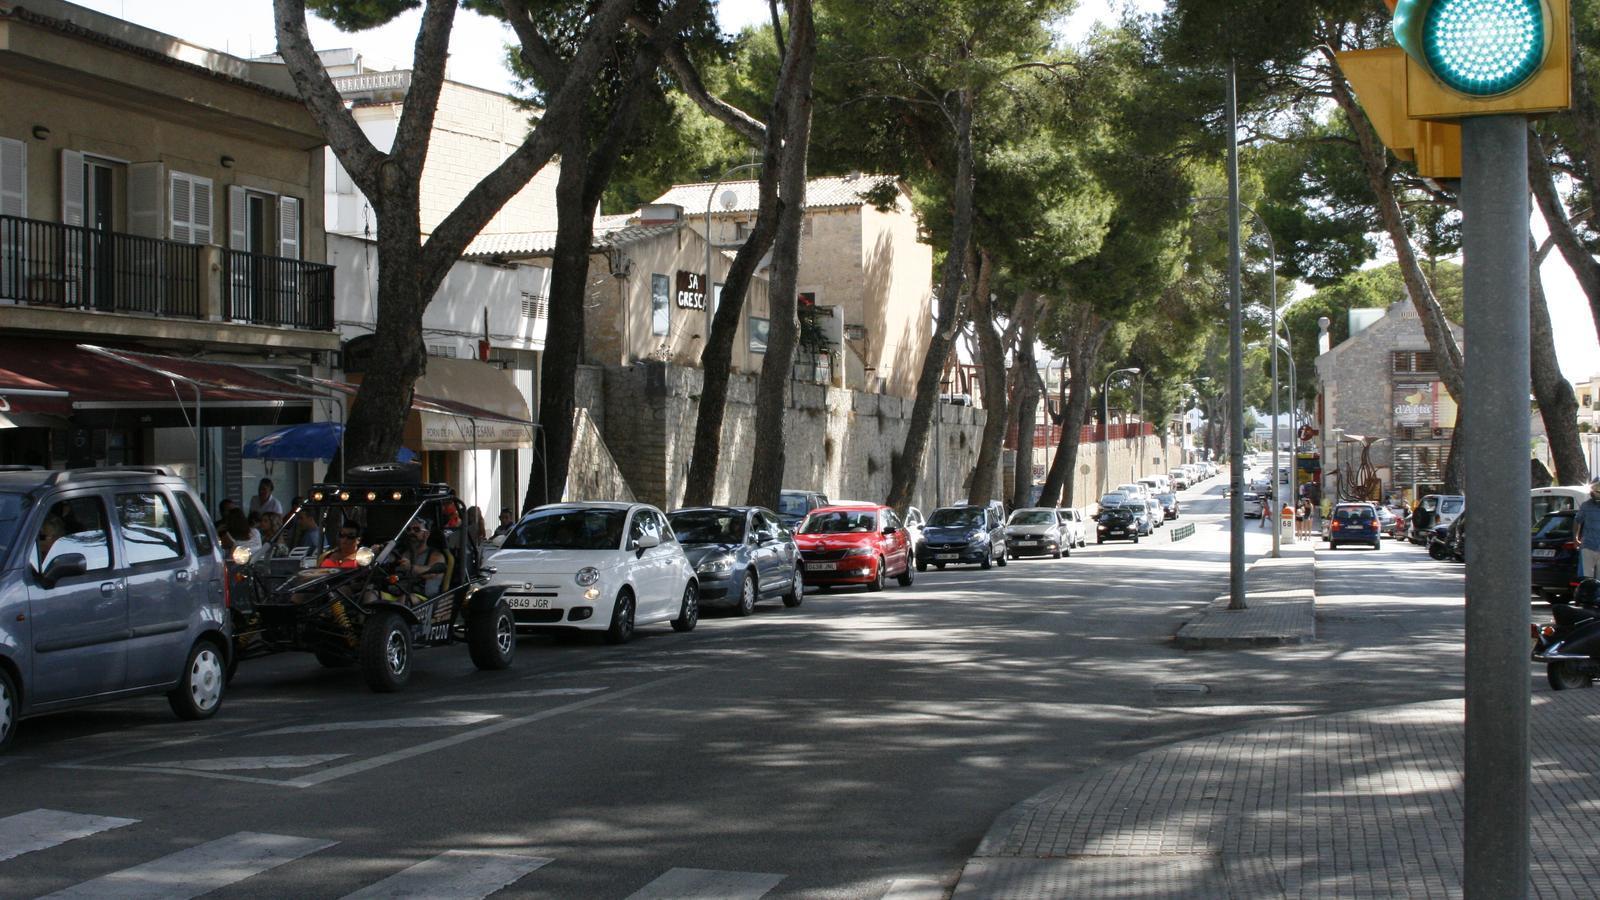 La zona de Costa i Llobera, el tram urbà de la carretera Palma-Cala Rajada, és la que pateix més saturació de trànsit.